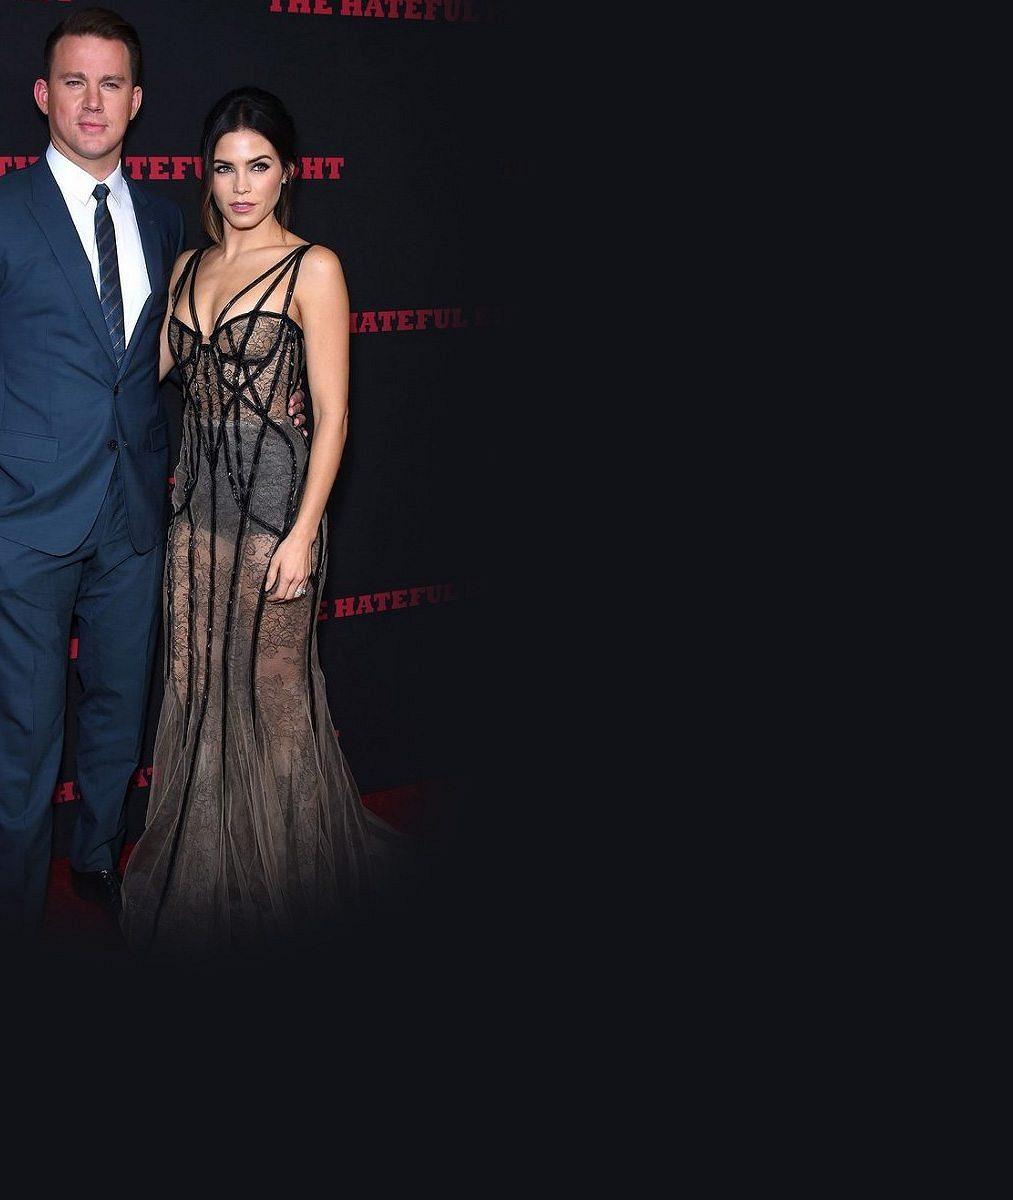 Známý herec se pochlubil sexy manželkou v průsvitných šatech, do níž se zamiloval při natáčení společného filmu